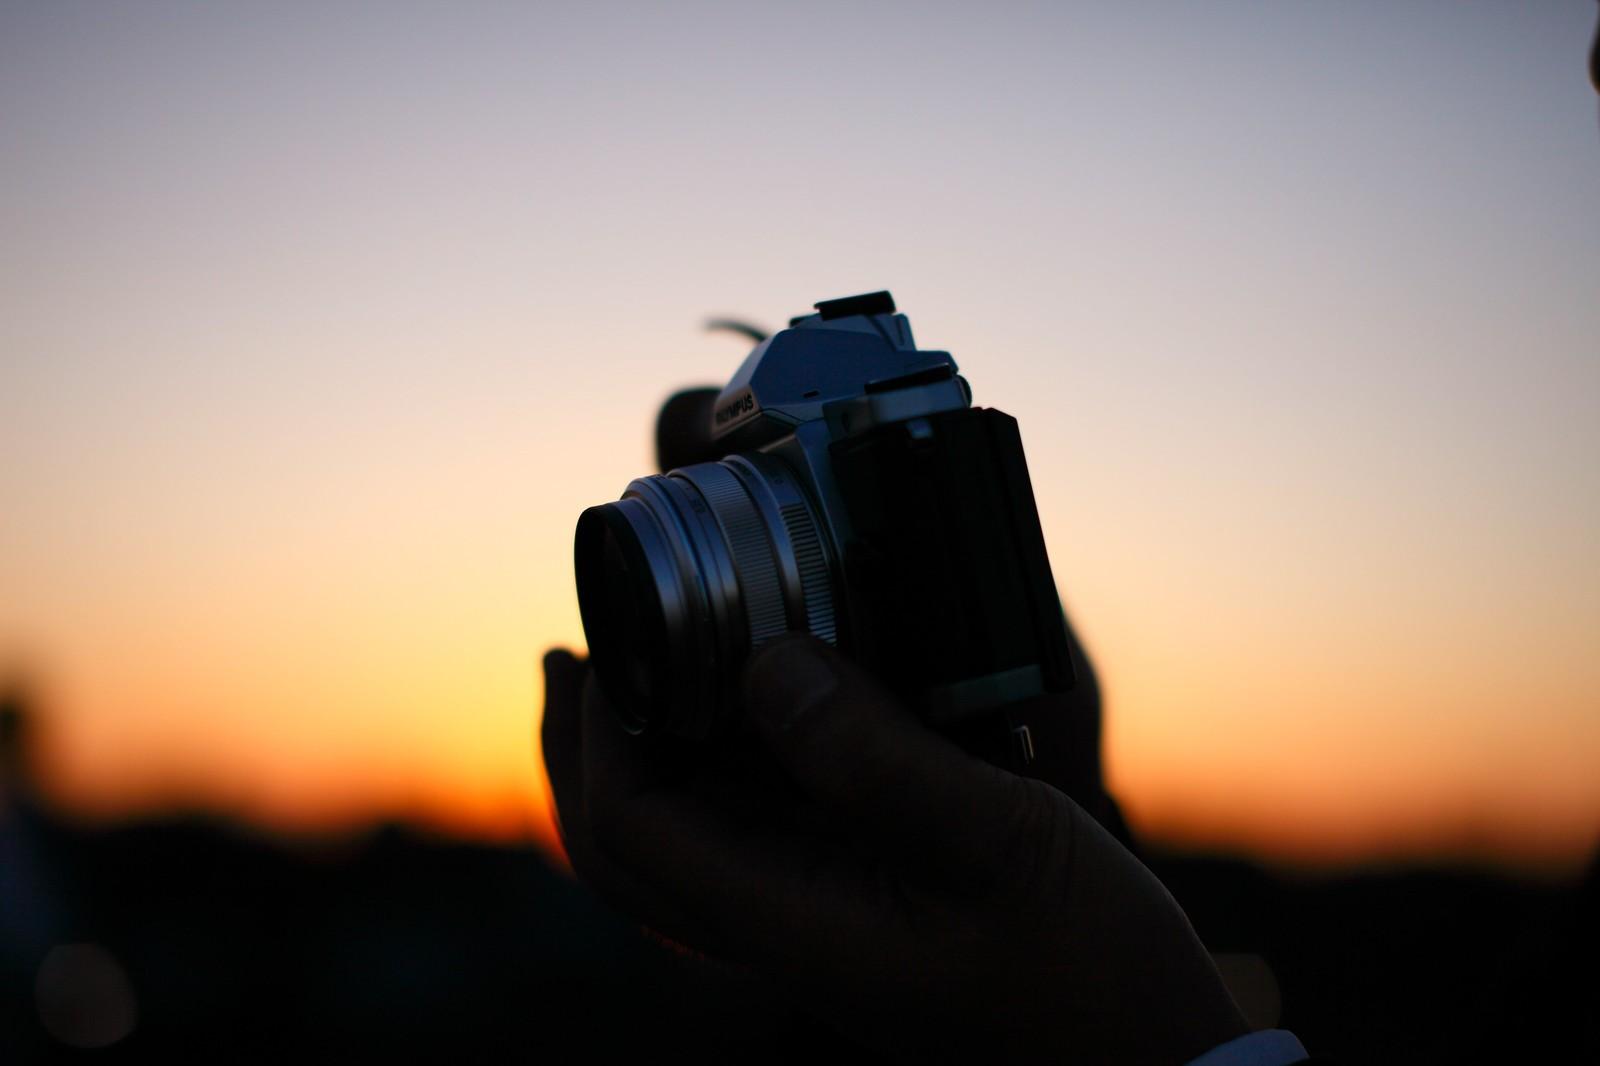 ミラーレスカメラと夕日